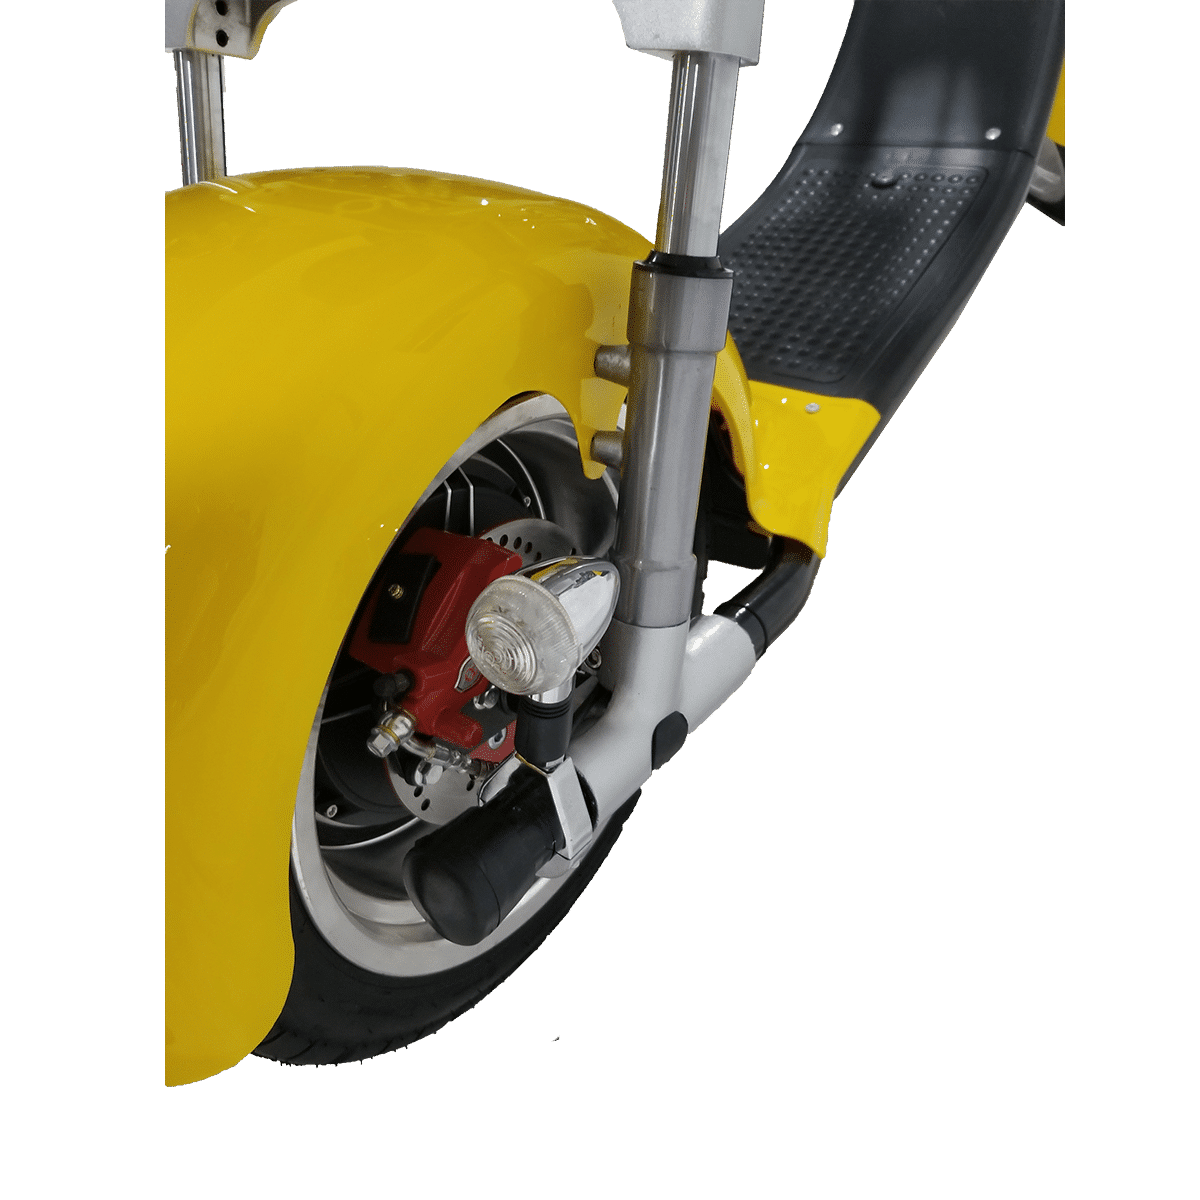 Citycoco Harley Deluxe Jaune 1190€ 12